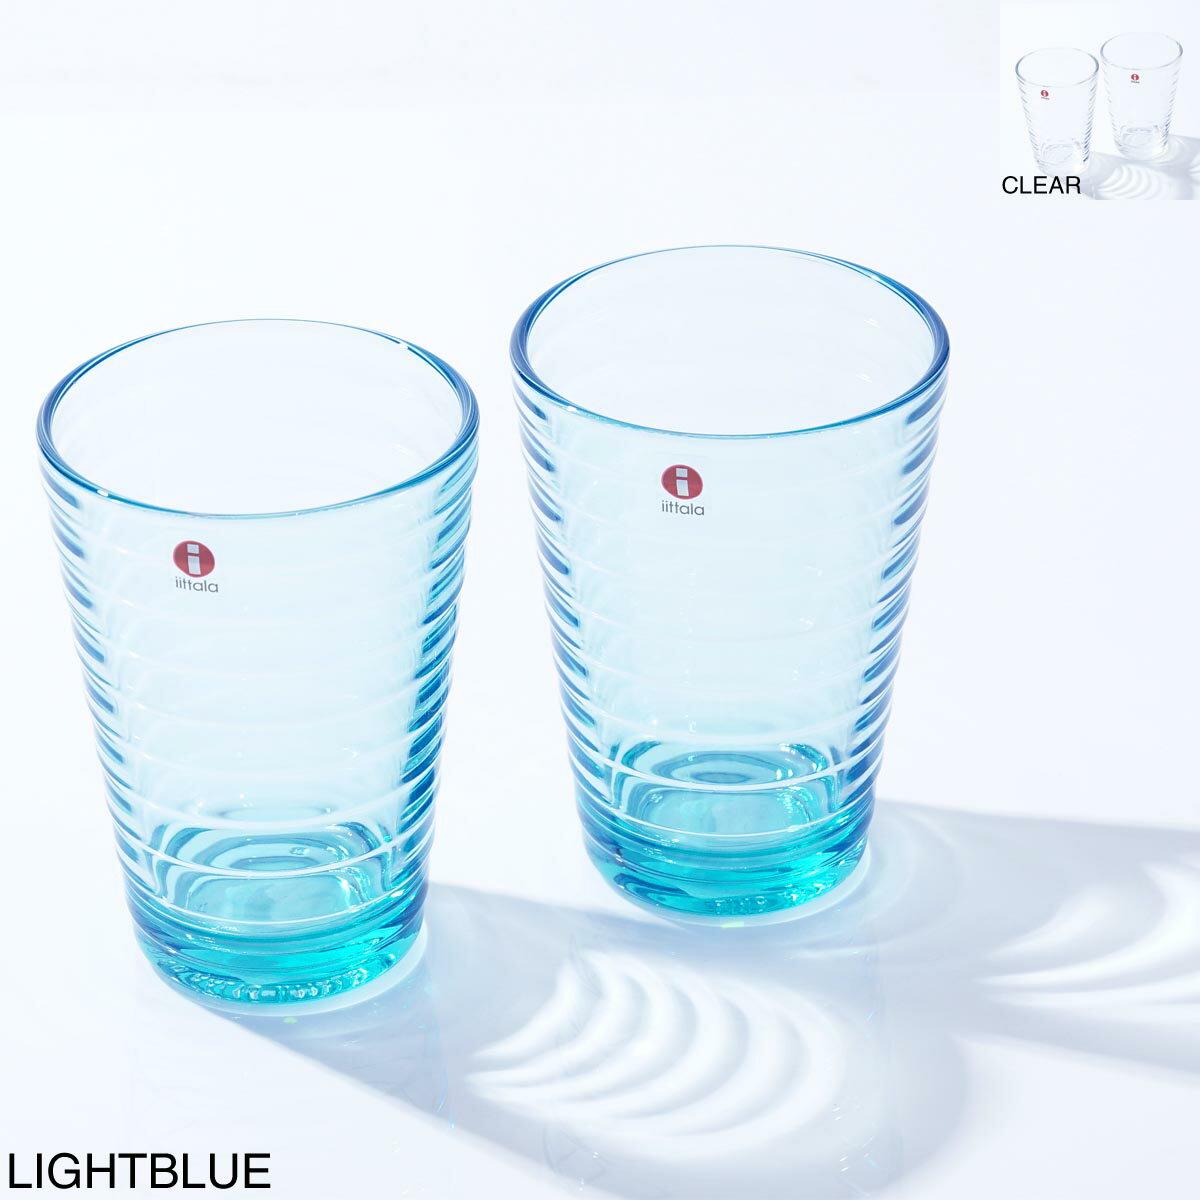 イッタラ iittala ハイボールグラス2個セット 食器 ガラス クリア 北欧 フィンランド 330ml ainoaalto33 glas lightblue Aino Aalto/アイノアアルト【あす楽対応_関東】【dl】brand